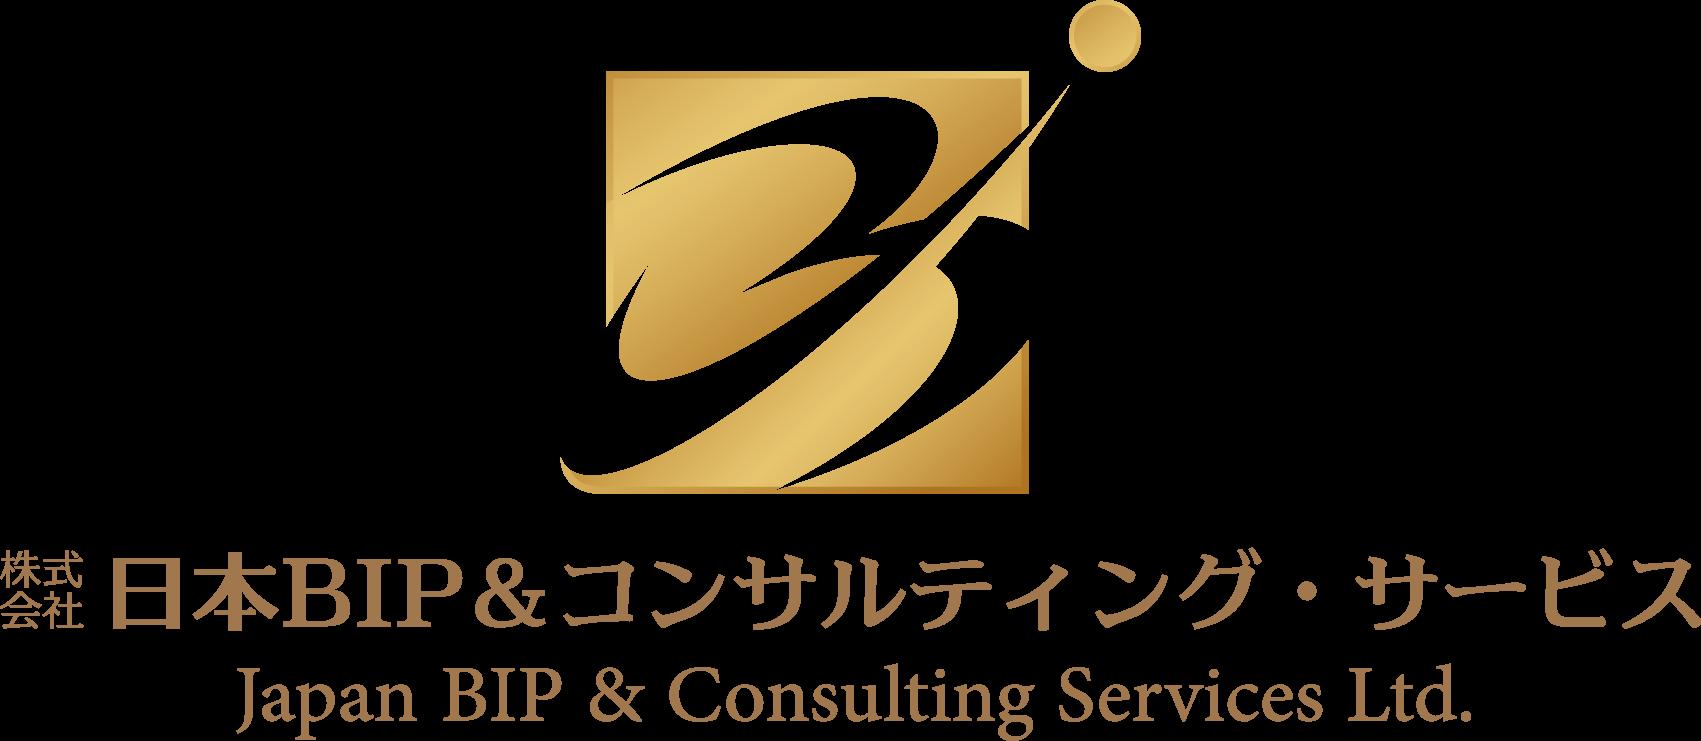 株式会社日本BIP&コンサルティング・サービス